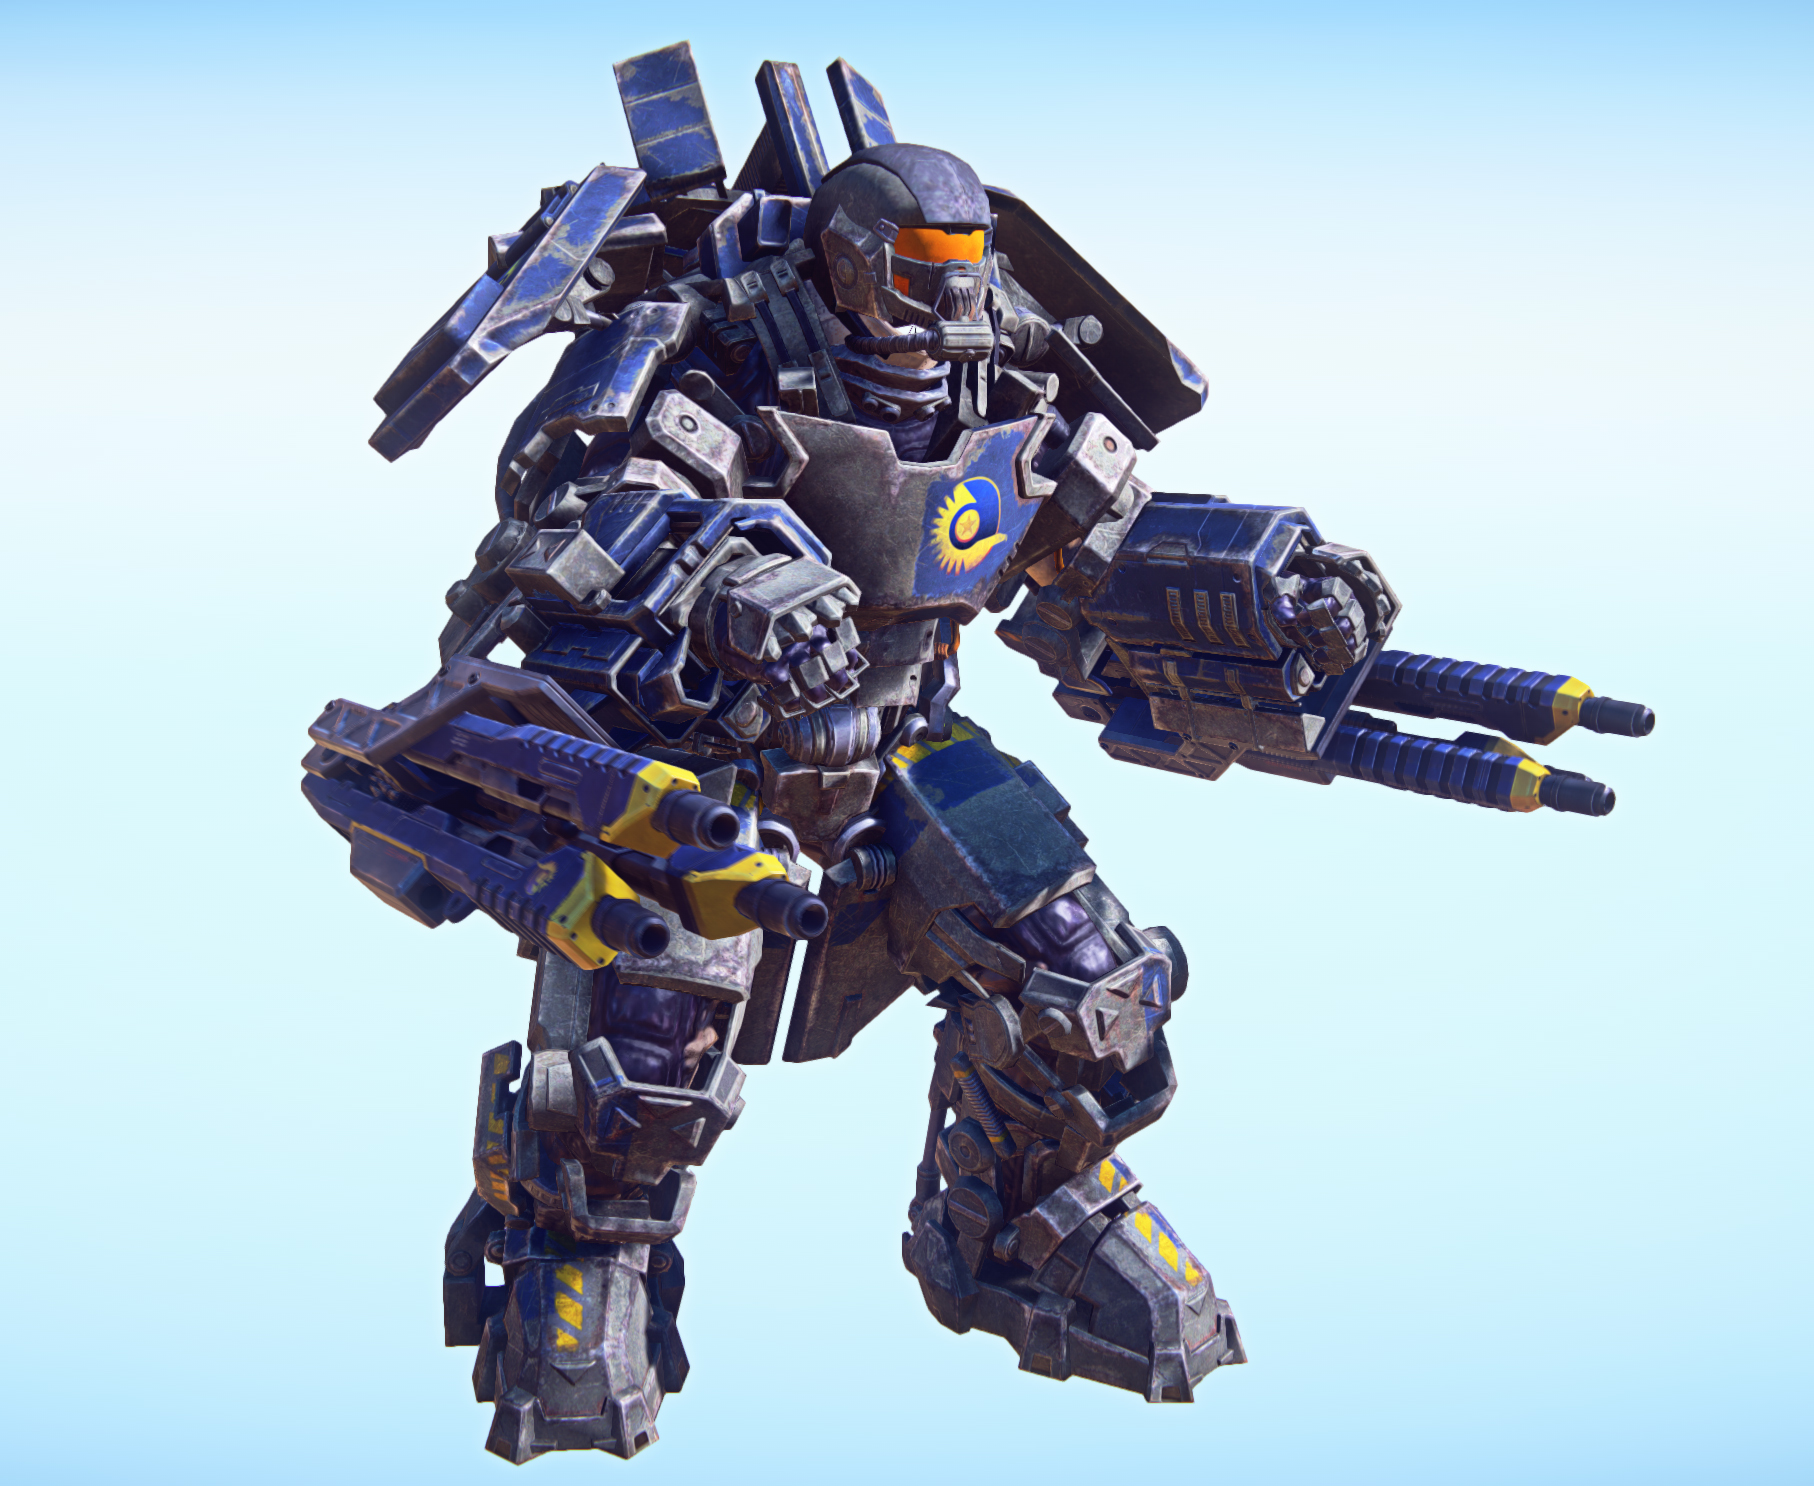 futuristic light armor